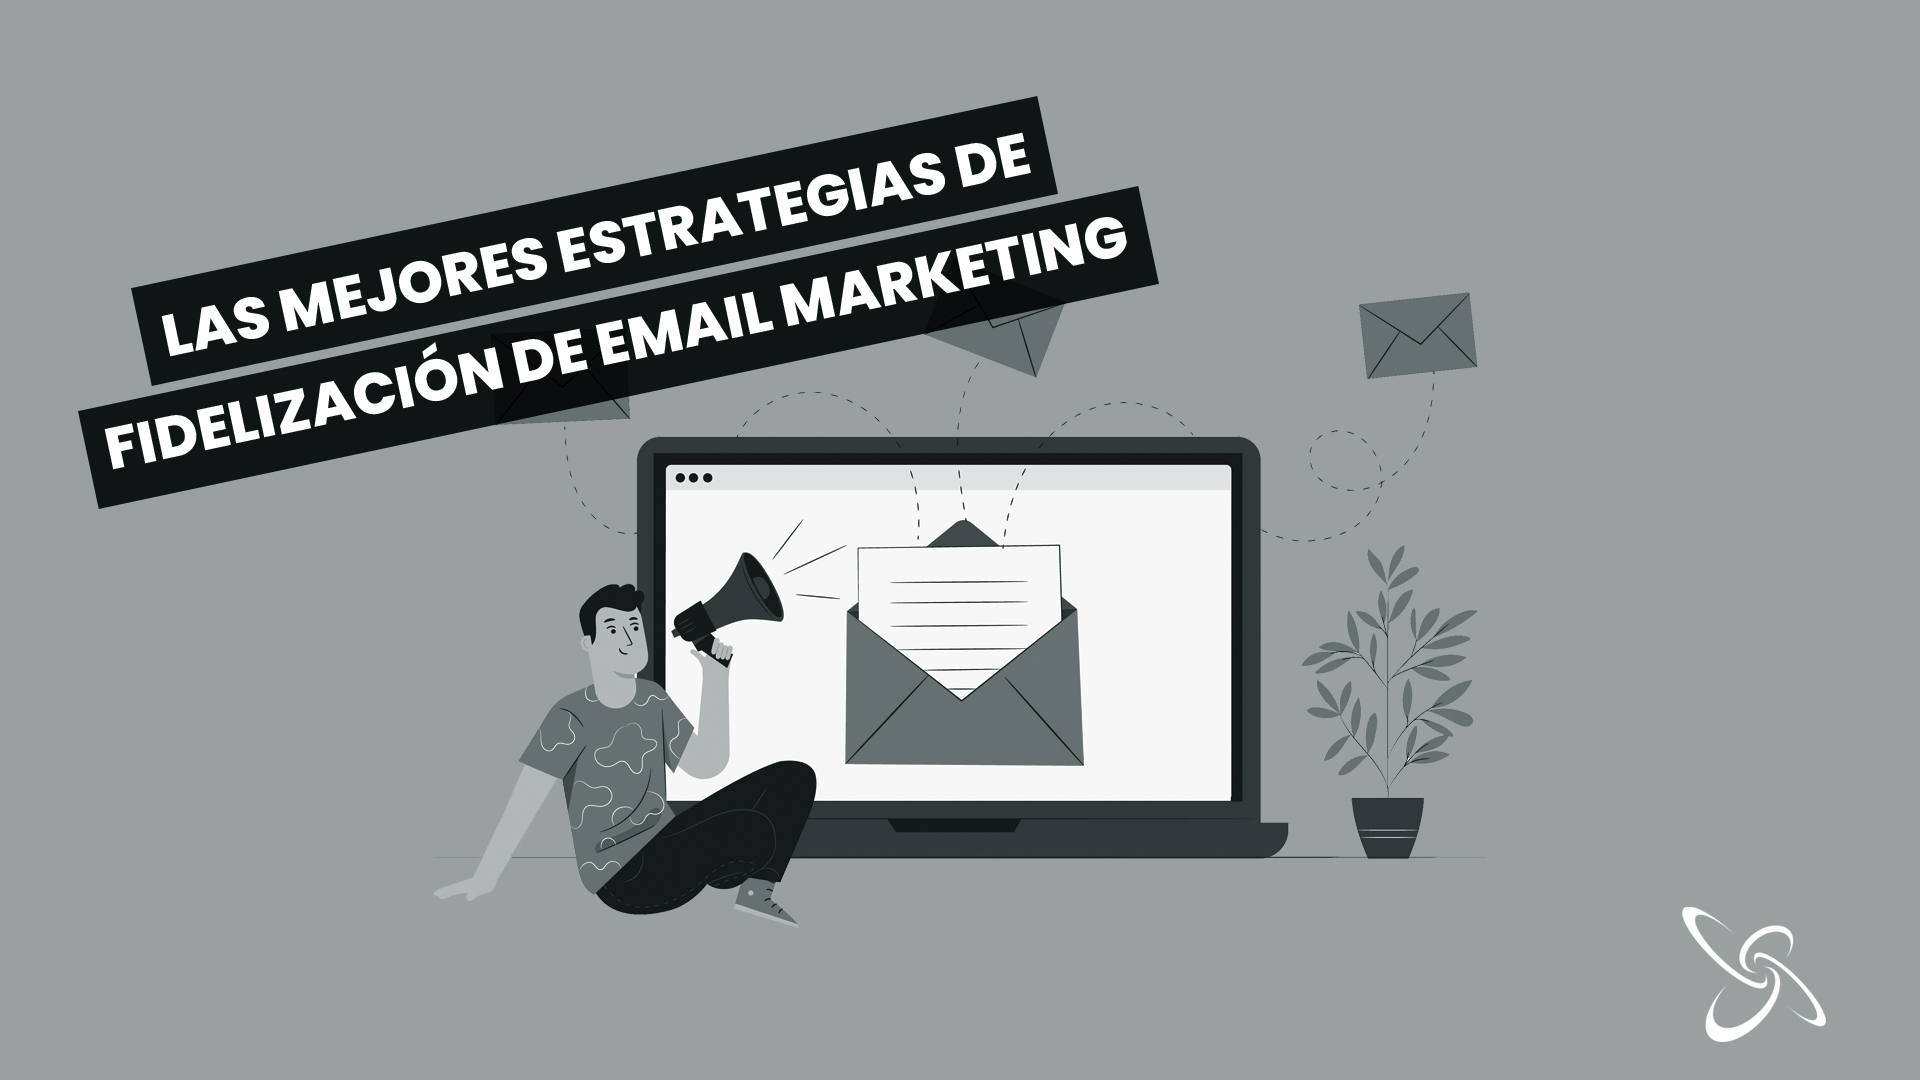 estrategias de fidelización de email marketing